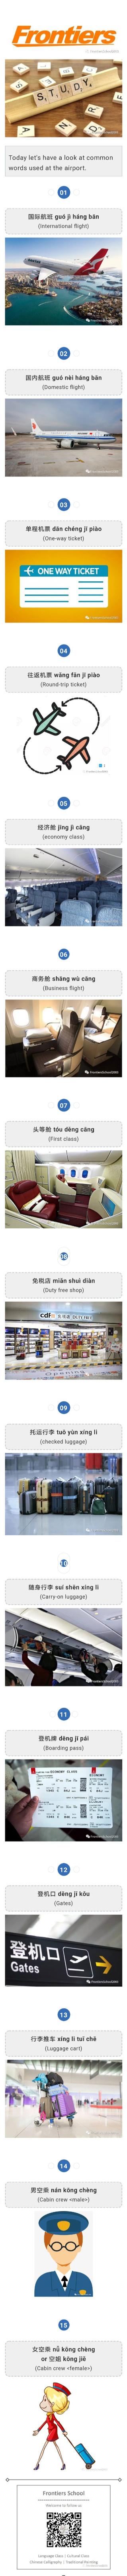 机场常用词汇 jī chǎng cháng yòng cí huì | Vocabulary about Airport